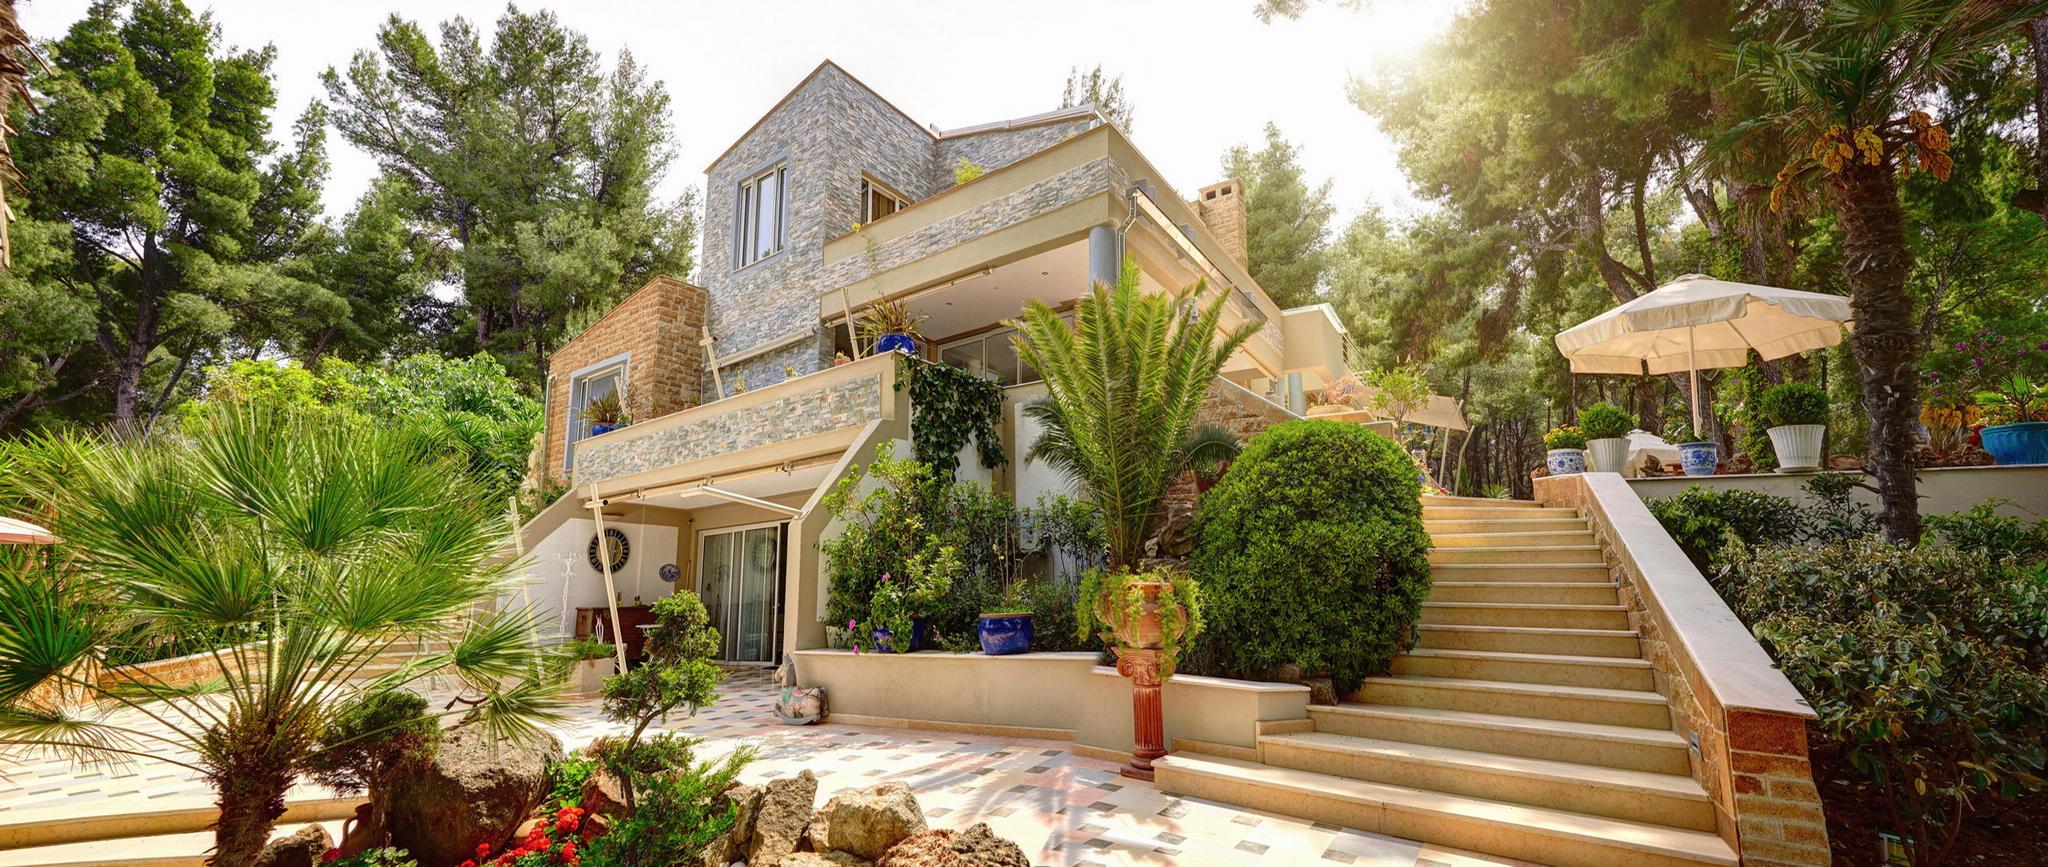 Аренда апартаментов греция